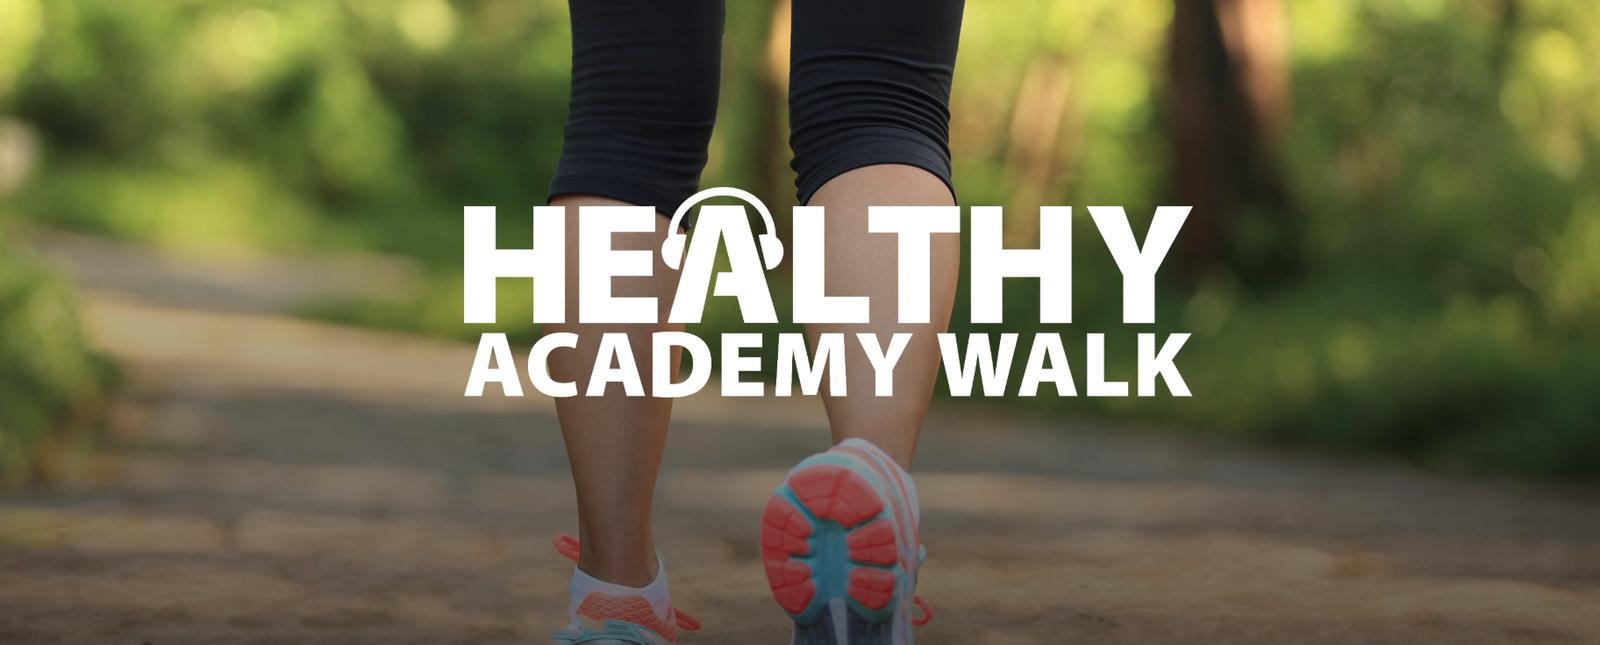 Healthy Academy Walk in Noordwijk